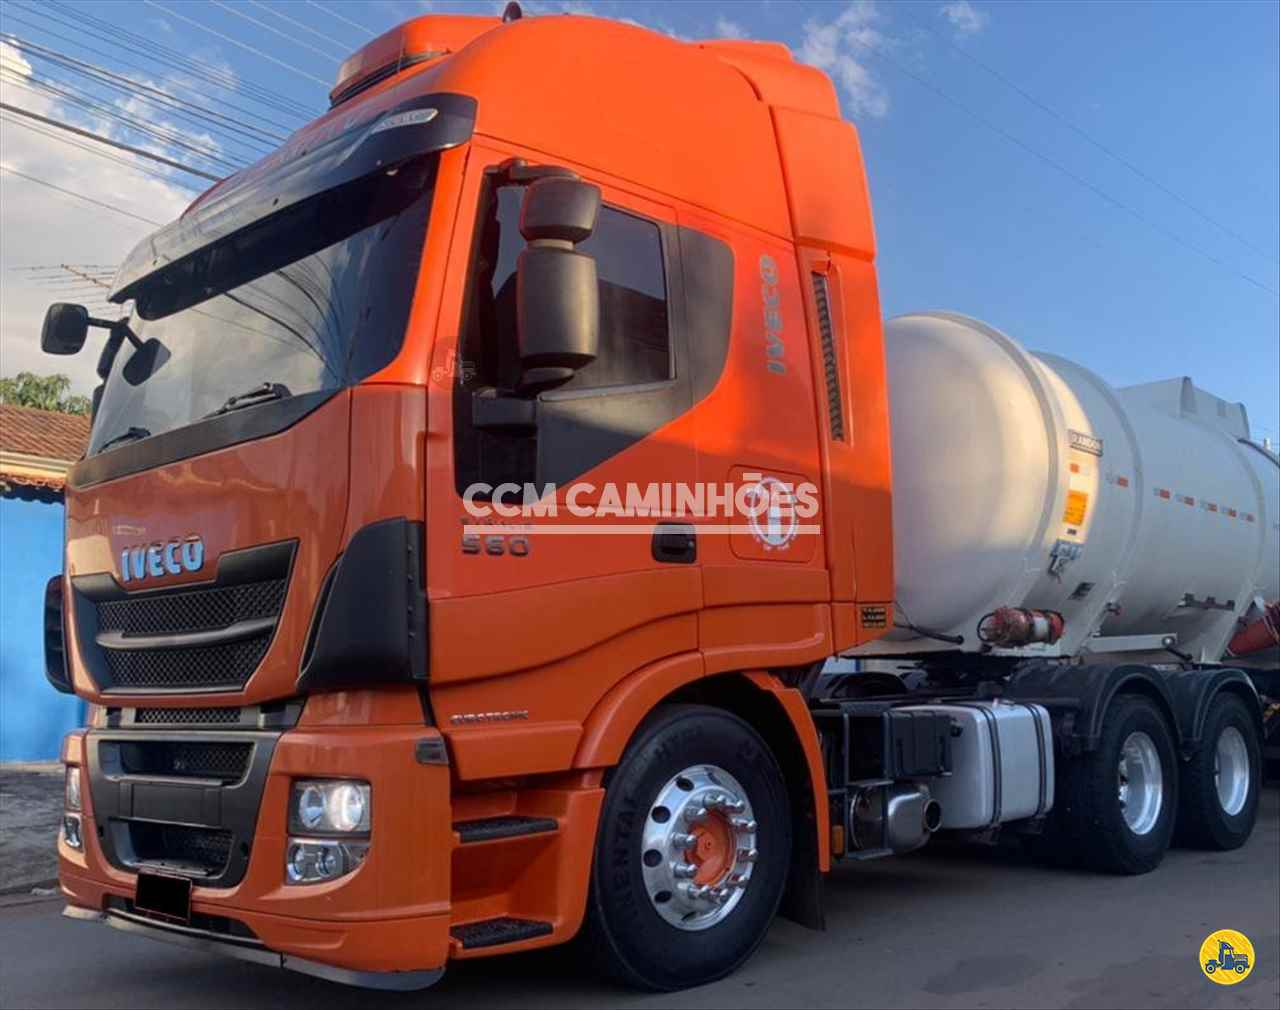 STRALIS 560 de CCM Caminhões - GOIANIA/GO